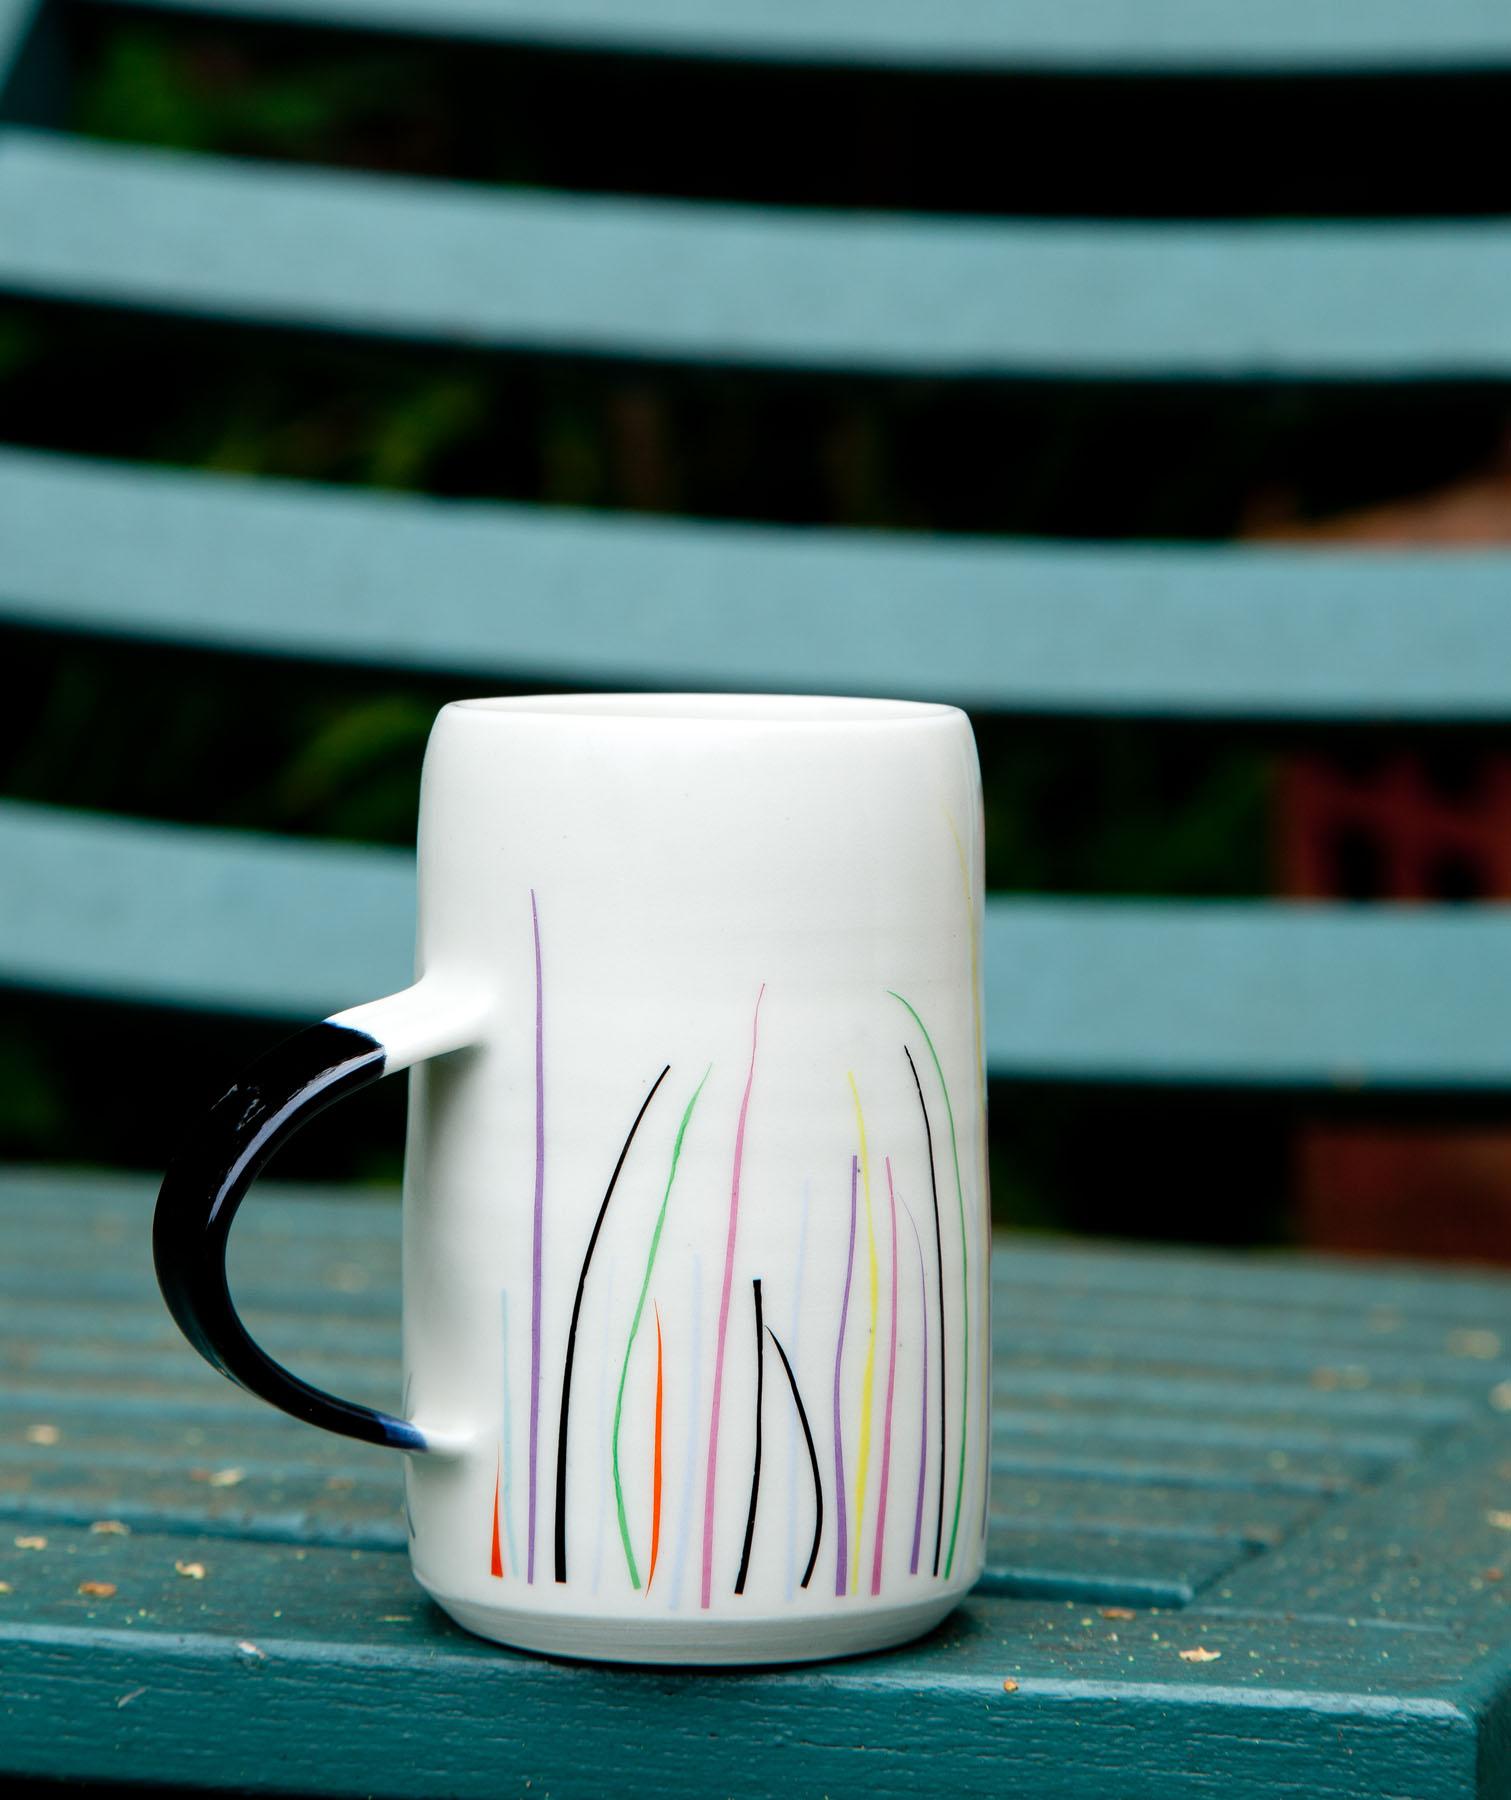 mug-july-2010.jpg